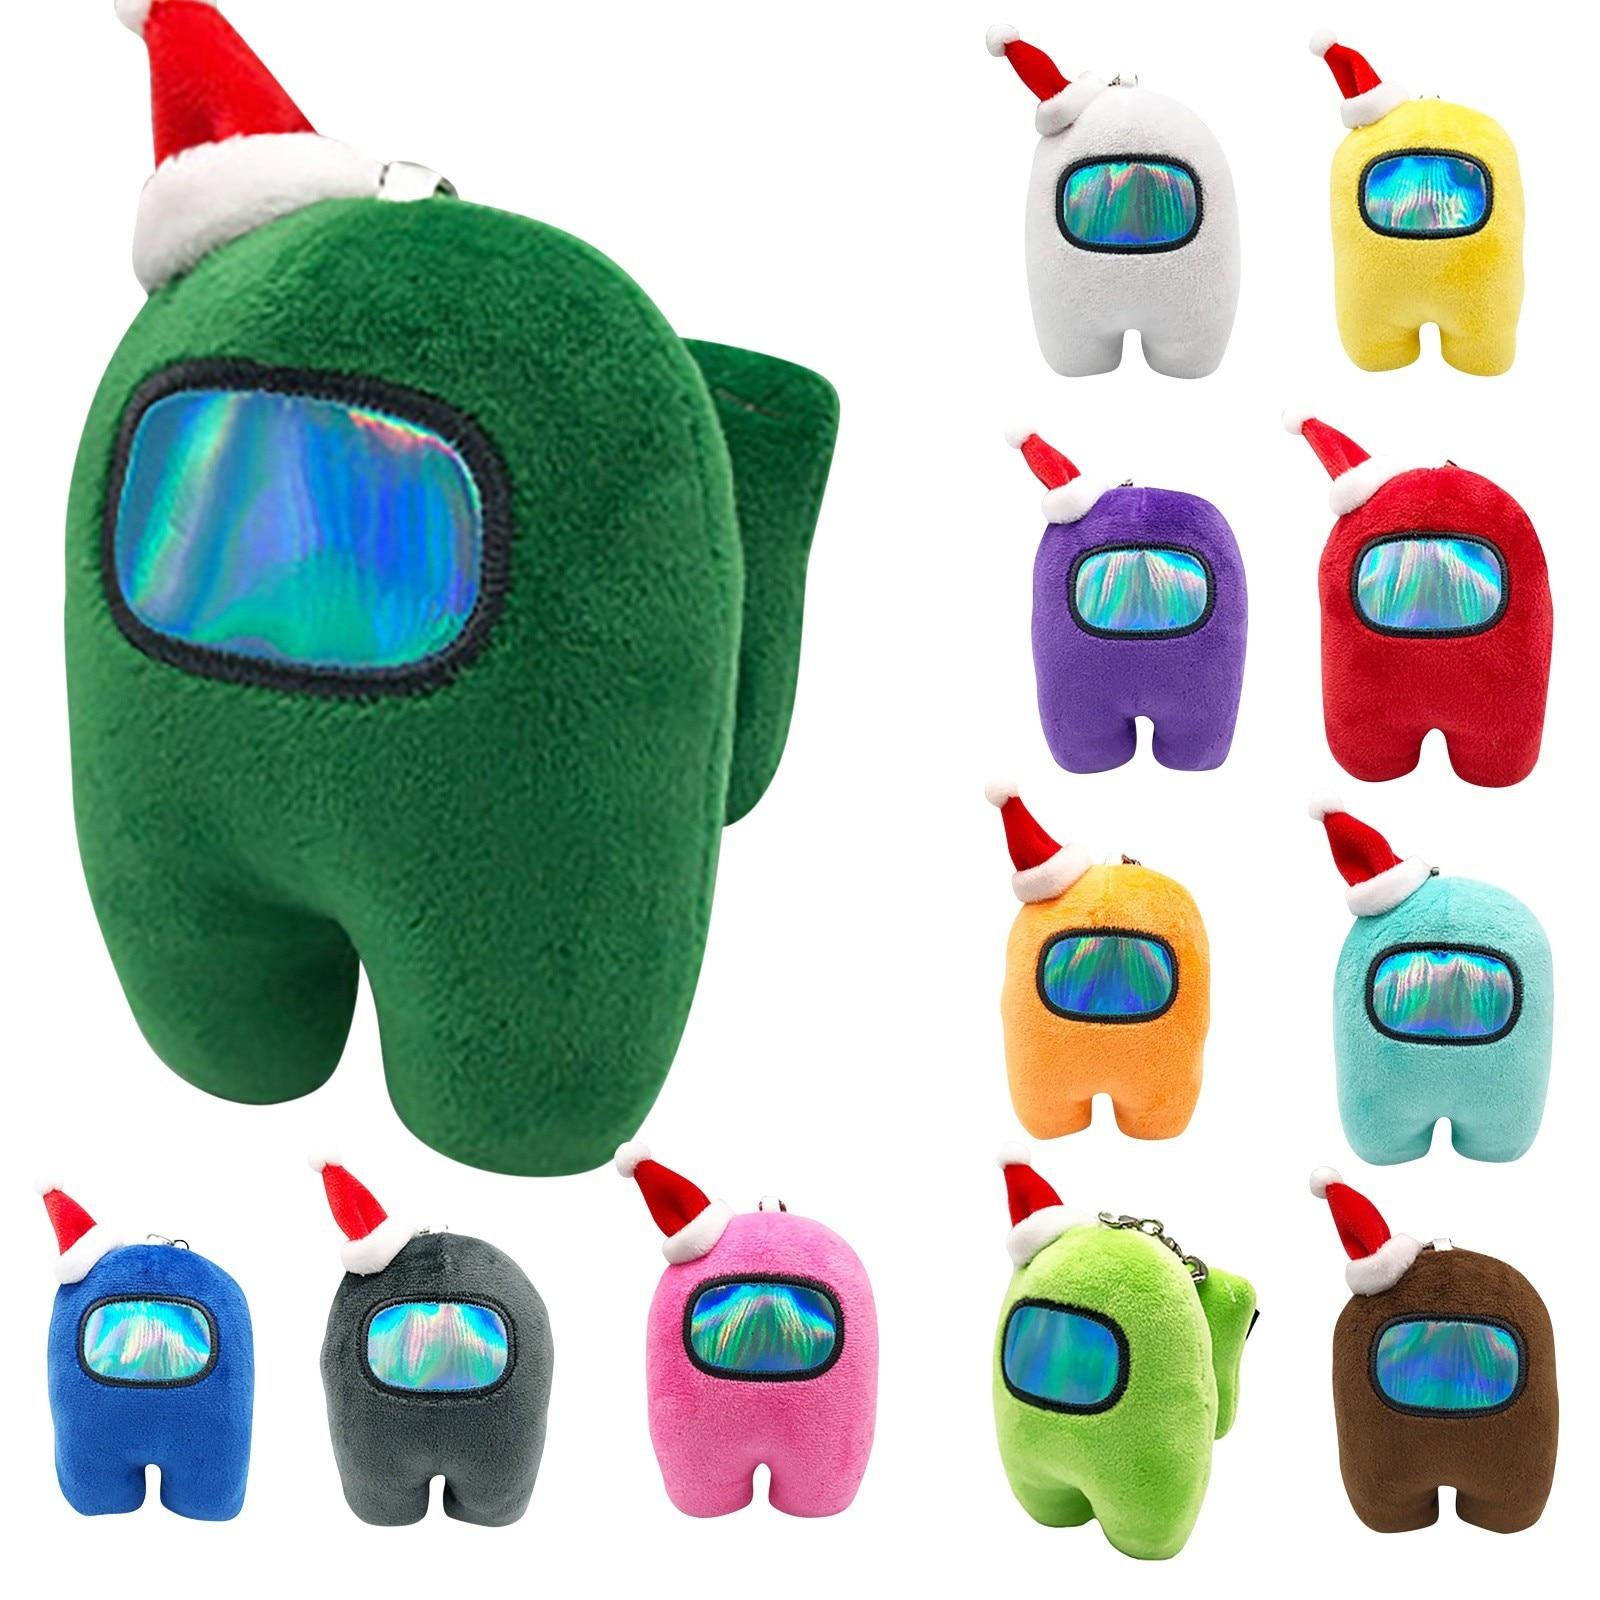 Lazer yumuşak peluş arasında şapka ile peluş oyuncaklar Kawaii dolması bebek sevimli arasında peluş olarak harika noel hediyesi oyuncaklar çocuklar için